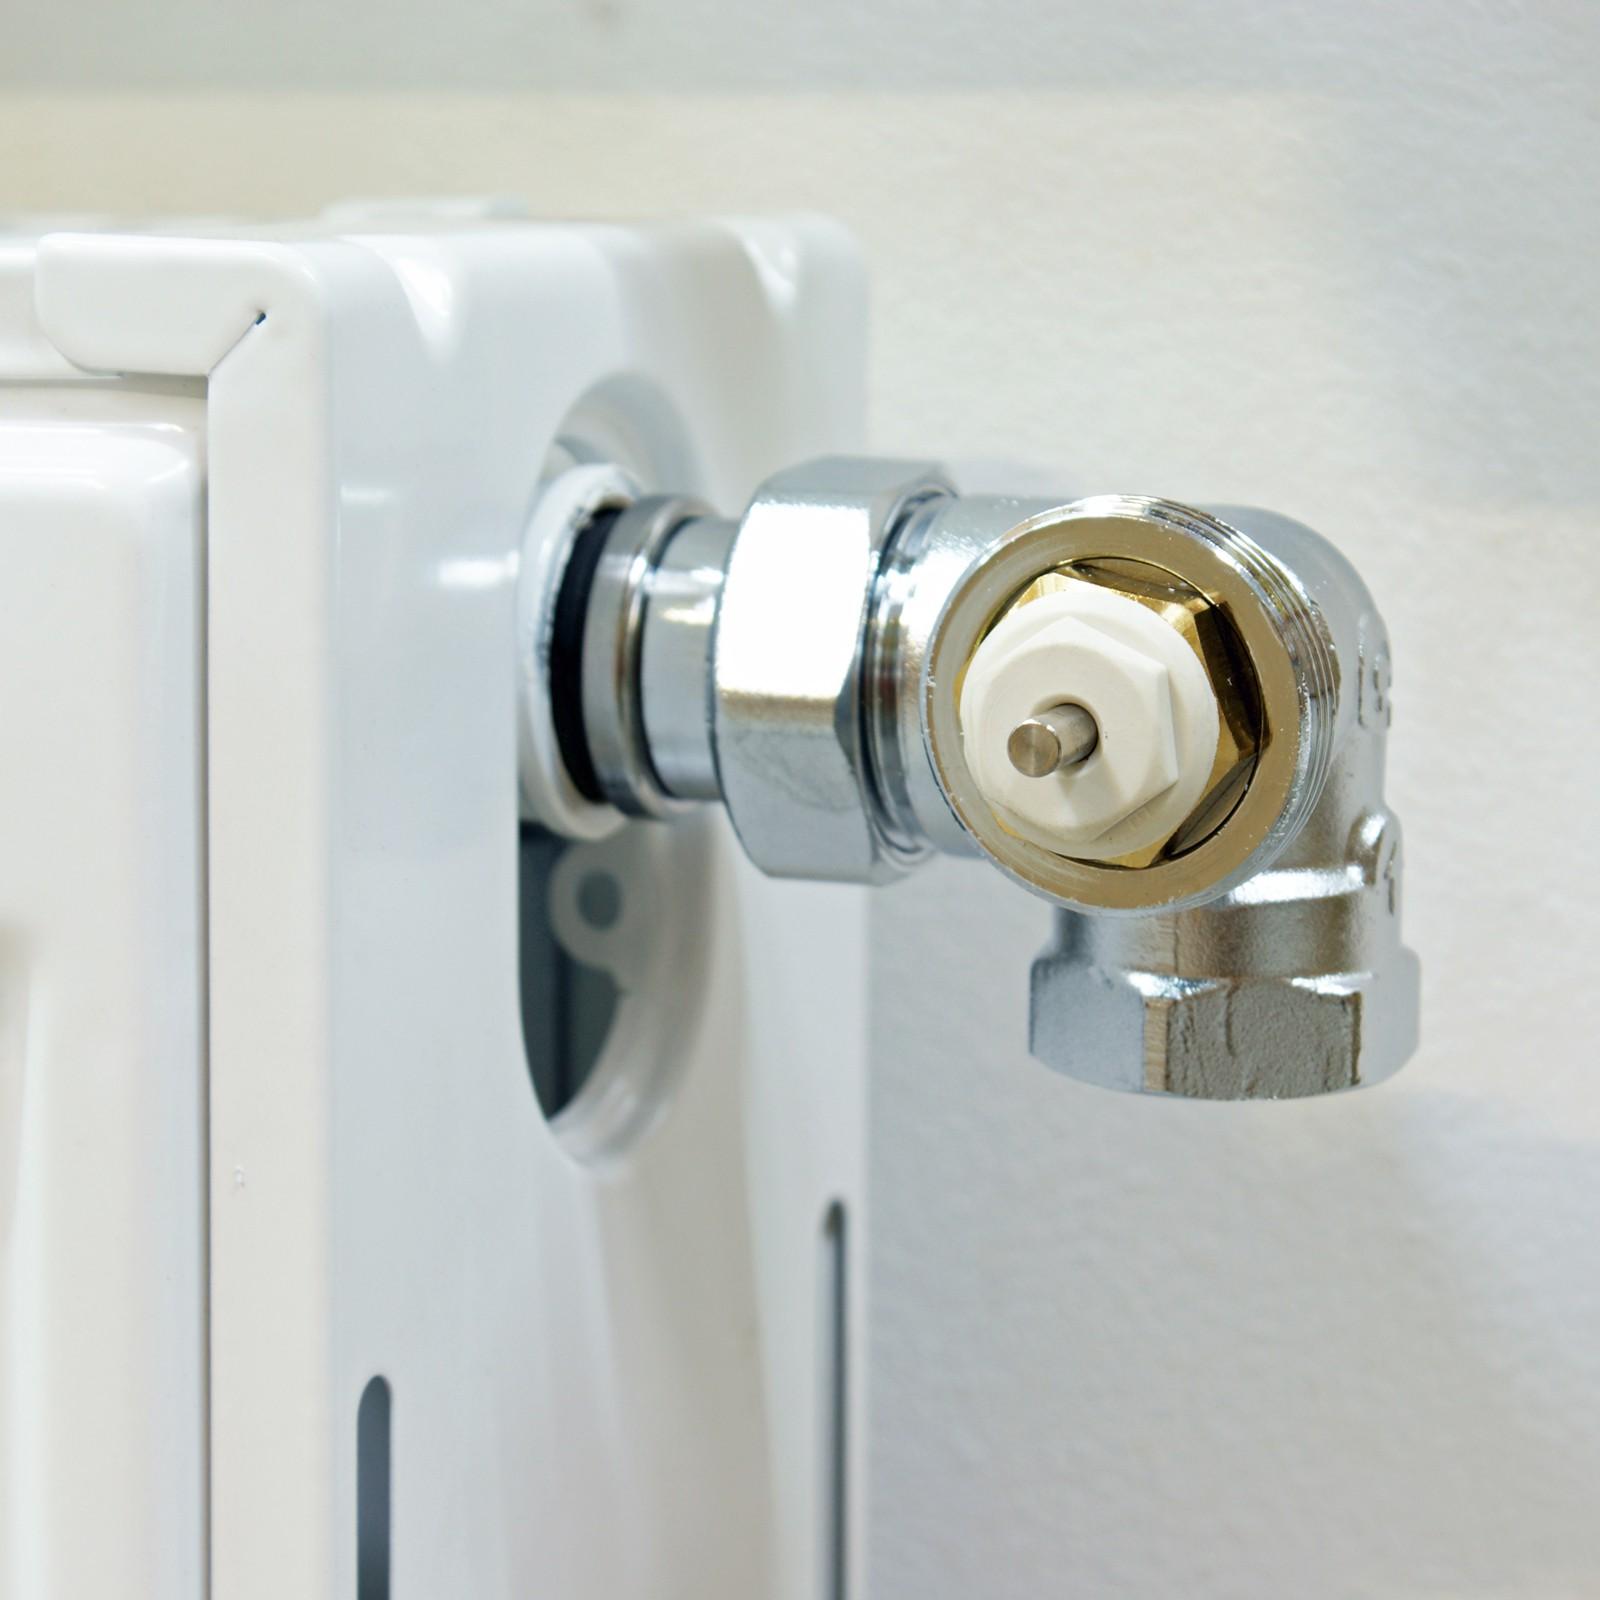 ventilunterteil 1 2 zoll eck rechts heizk rperventil thermostatventil. Black Bedroom Furniture Sets. Home Design Ideas